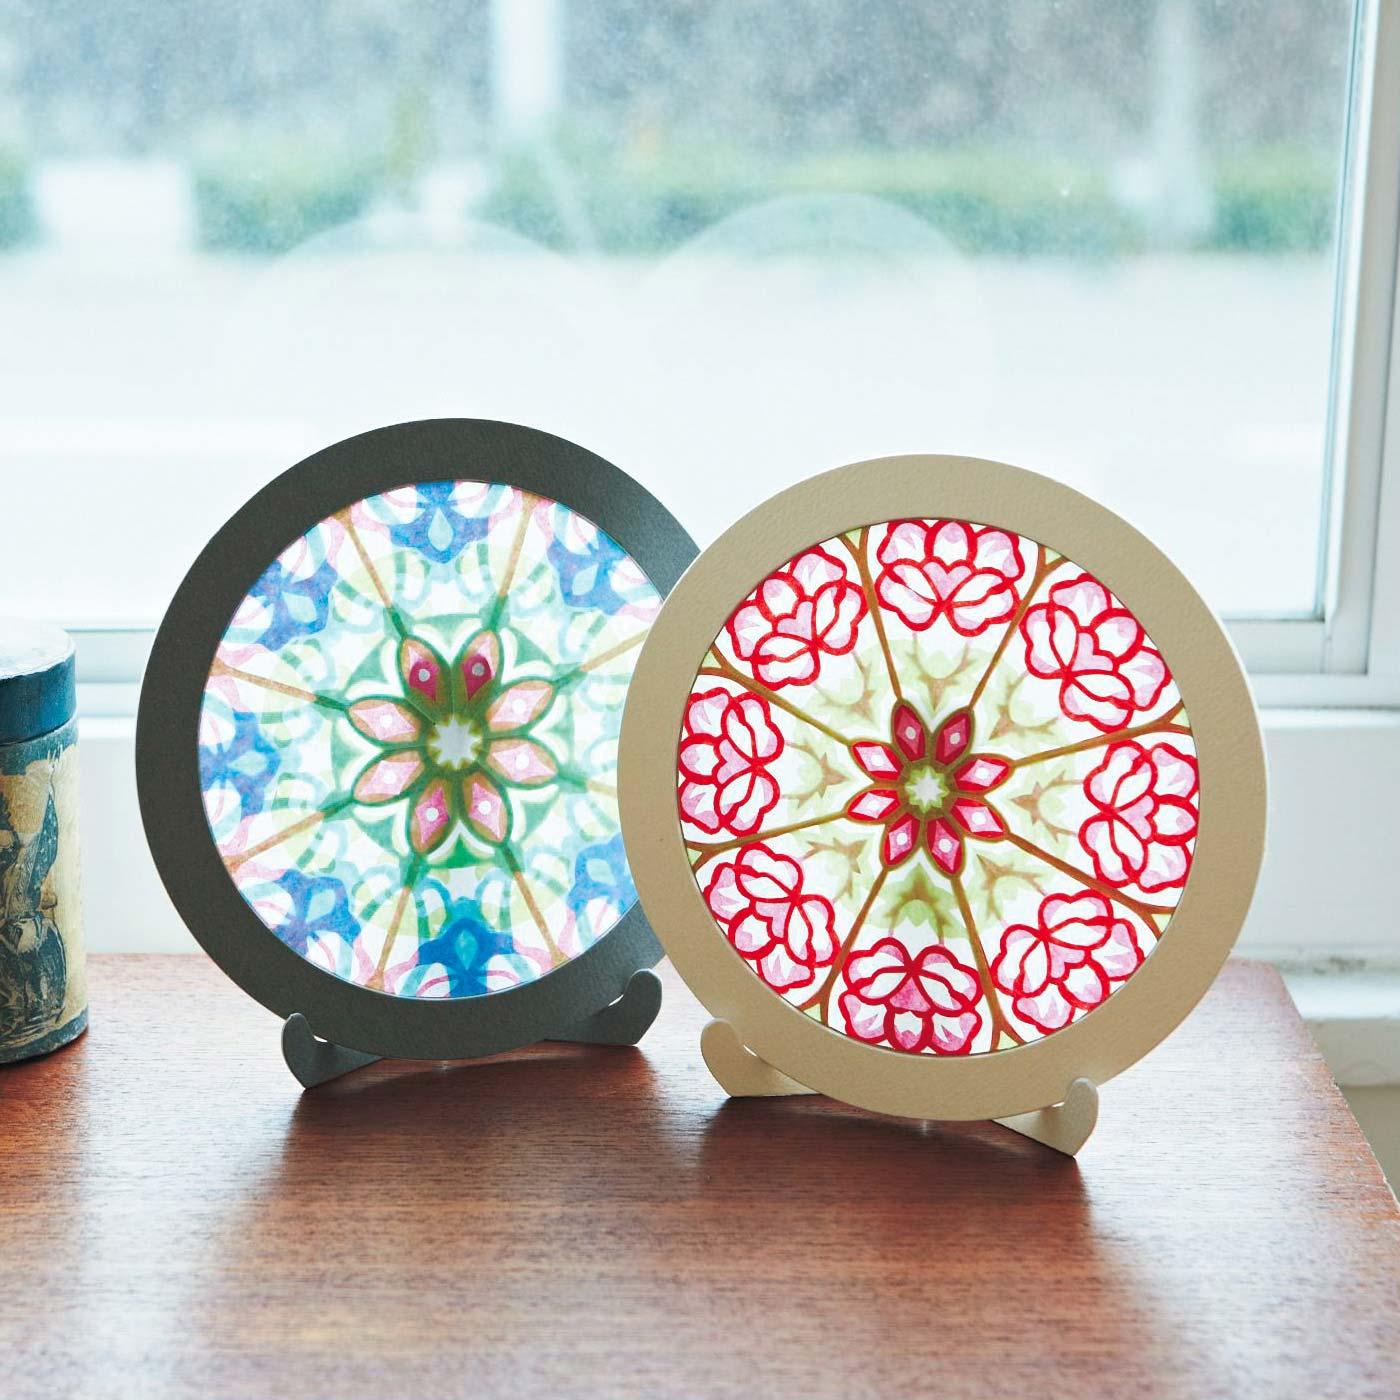 色と光の芸術品♡ローズウィンドウの知られざる世界を覗いてみよう♪